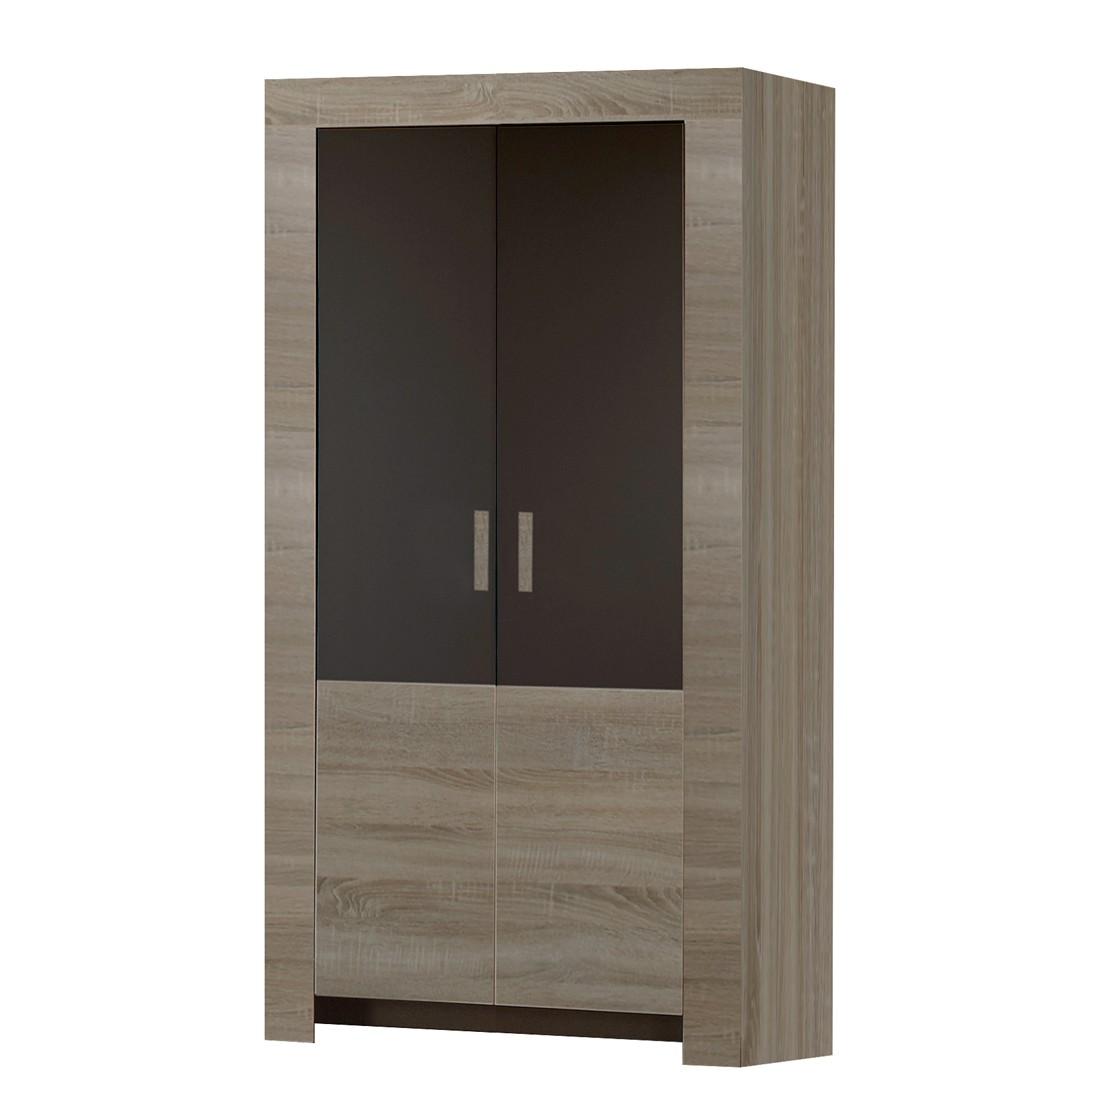 Armoire à vêtements Emma - Chêne - Gris - 2 portes, Wimex